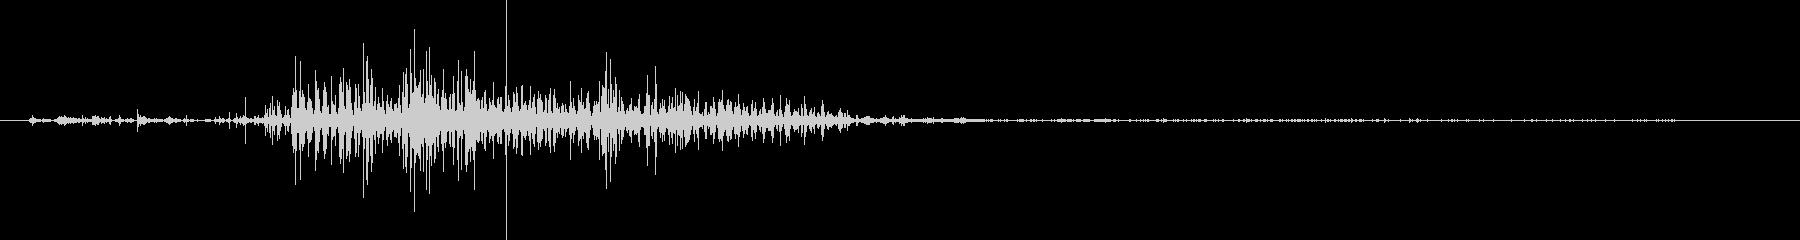 抹茶を点てる音(点前)の未再生の波形